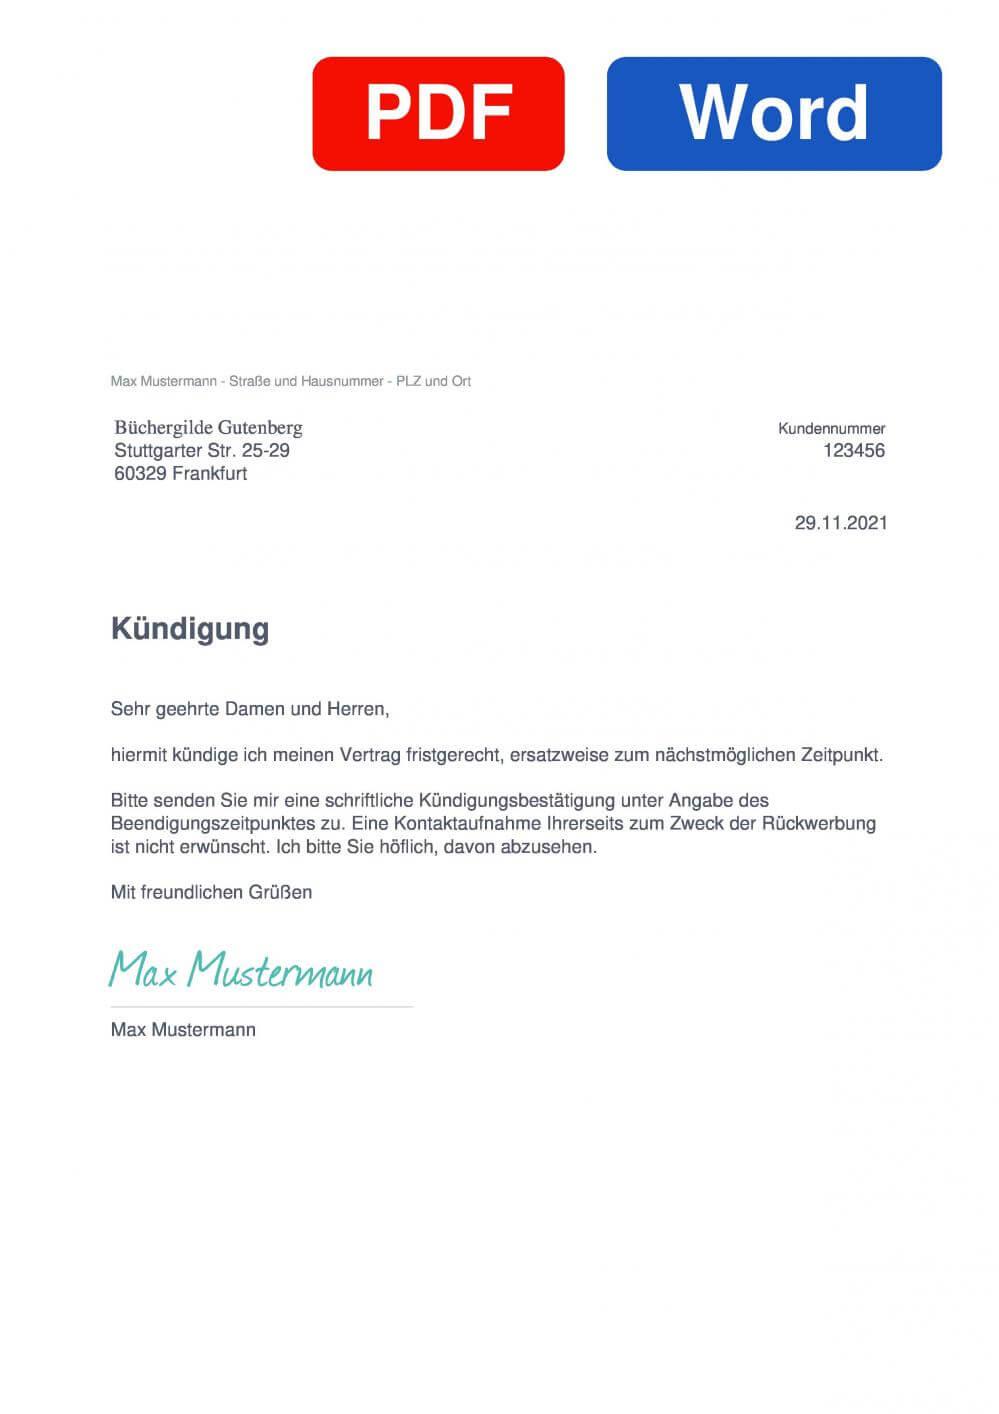 Büchergilde Gutenberg Muster Vorlage für Kündigungsschreiben